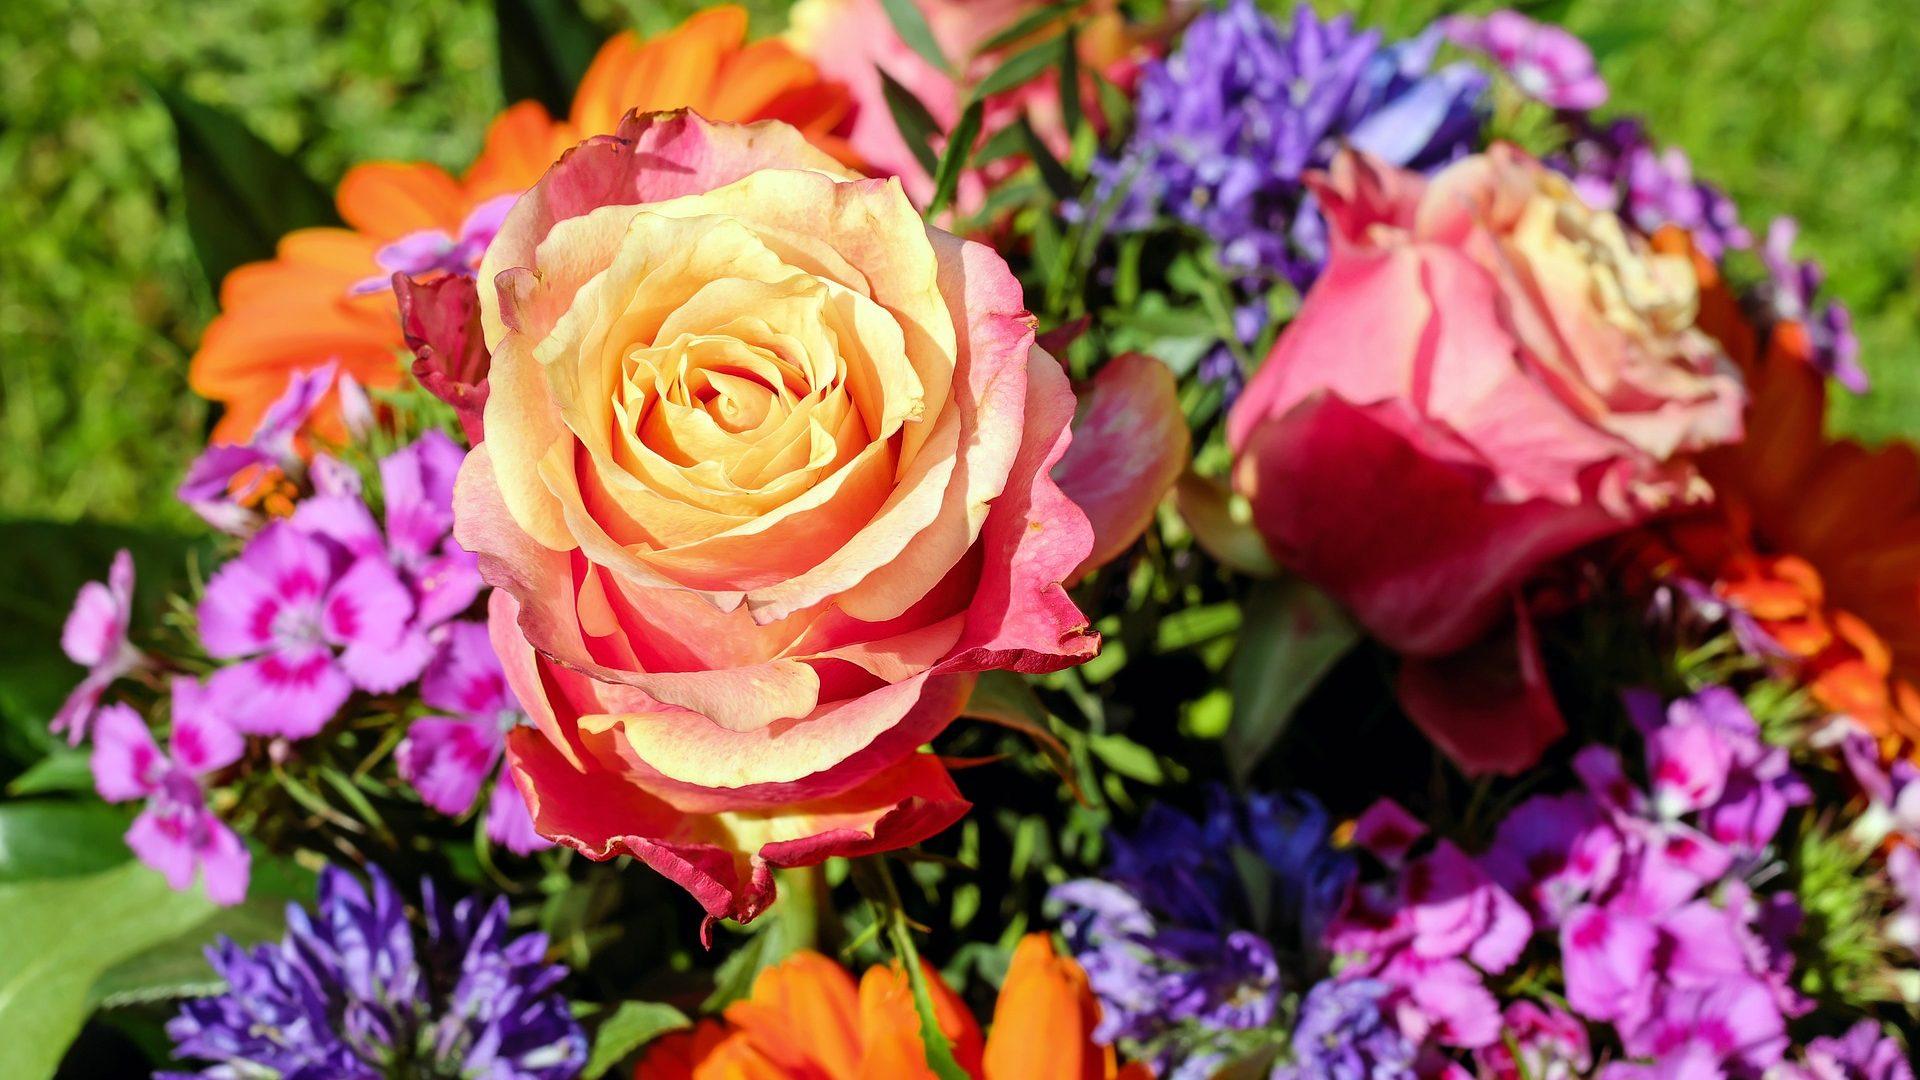 roses bouquet-2293761_1920